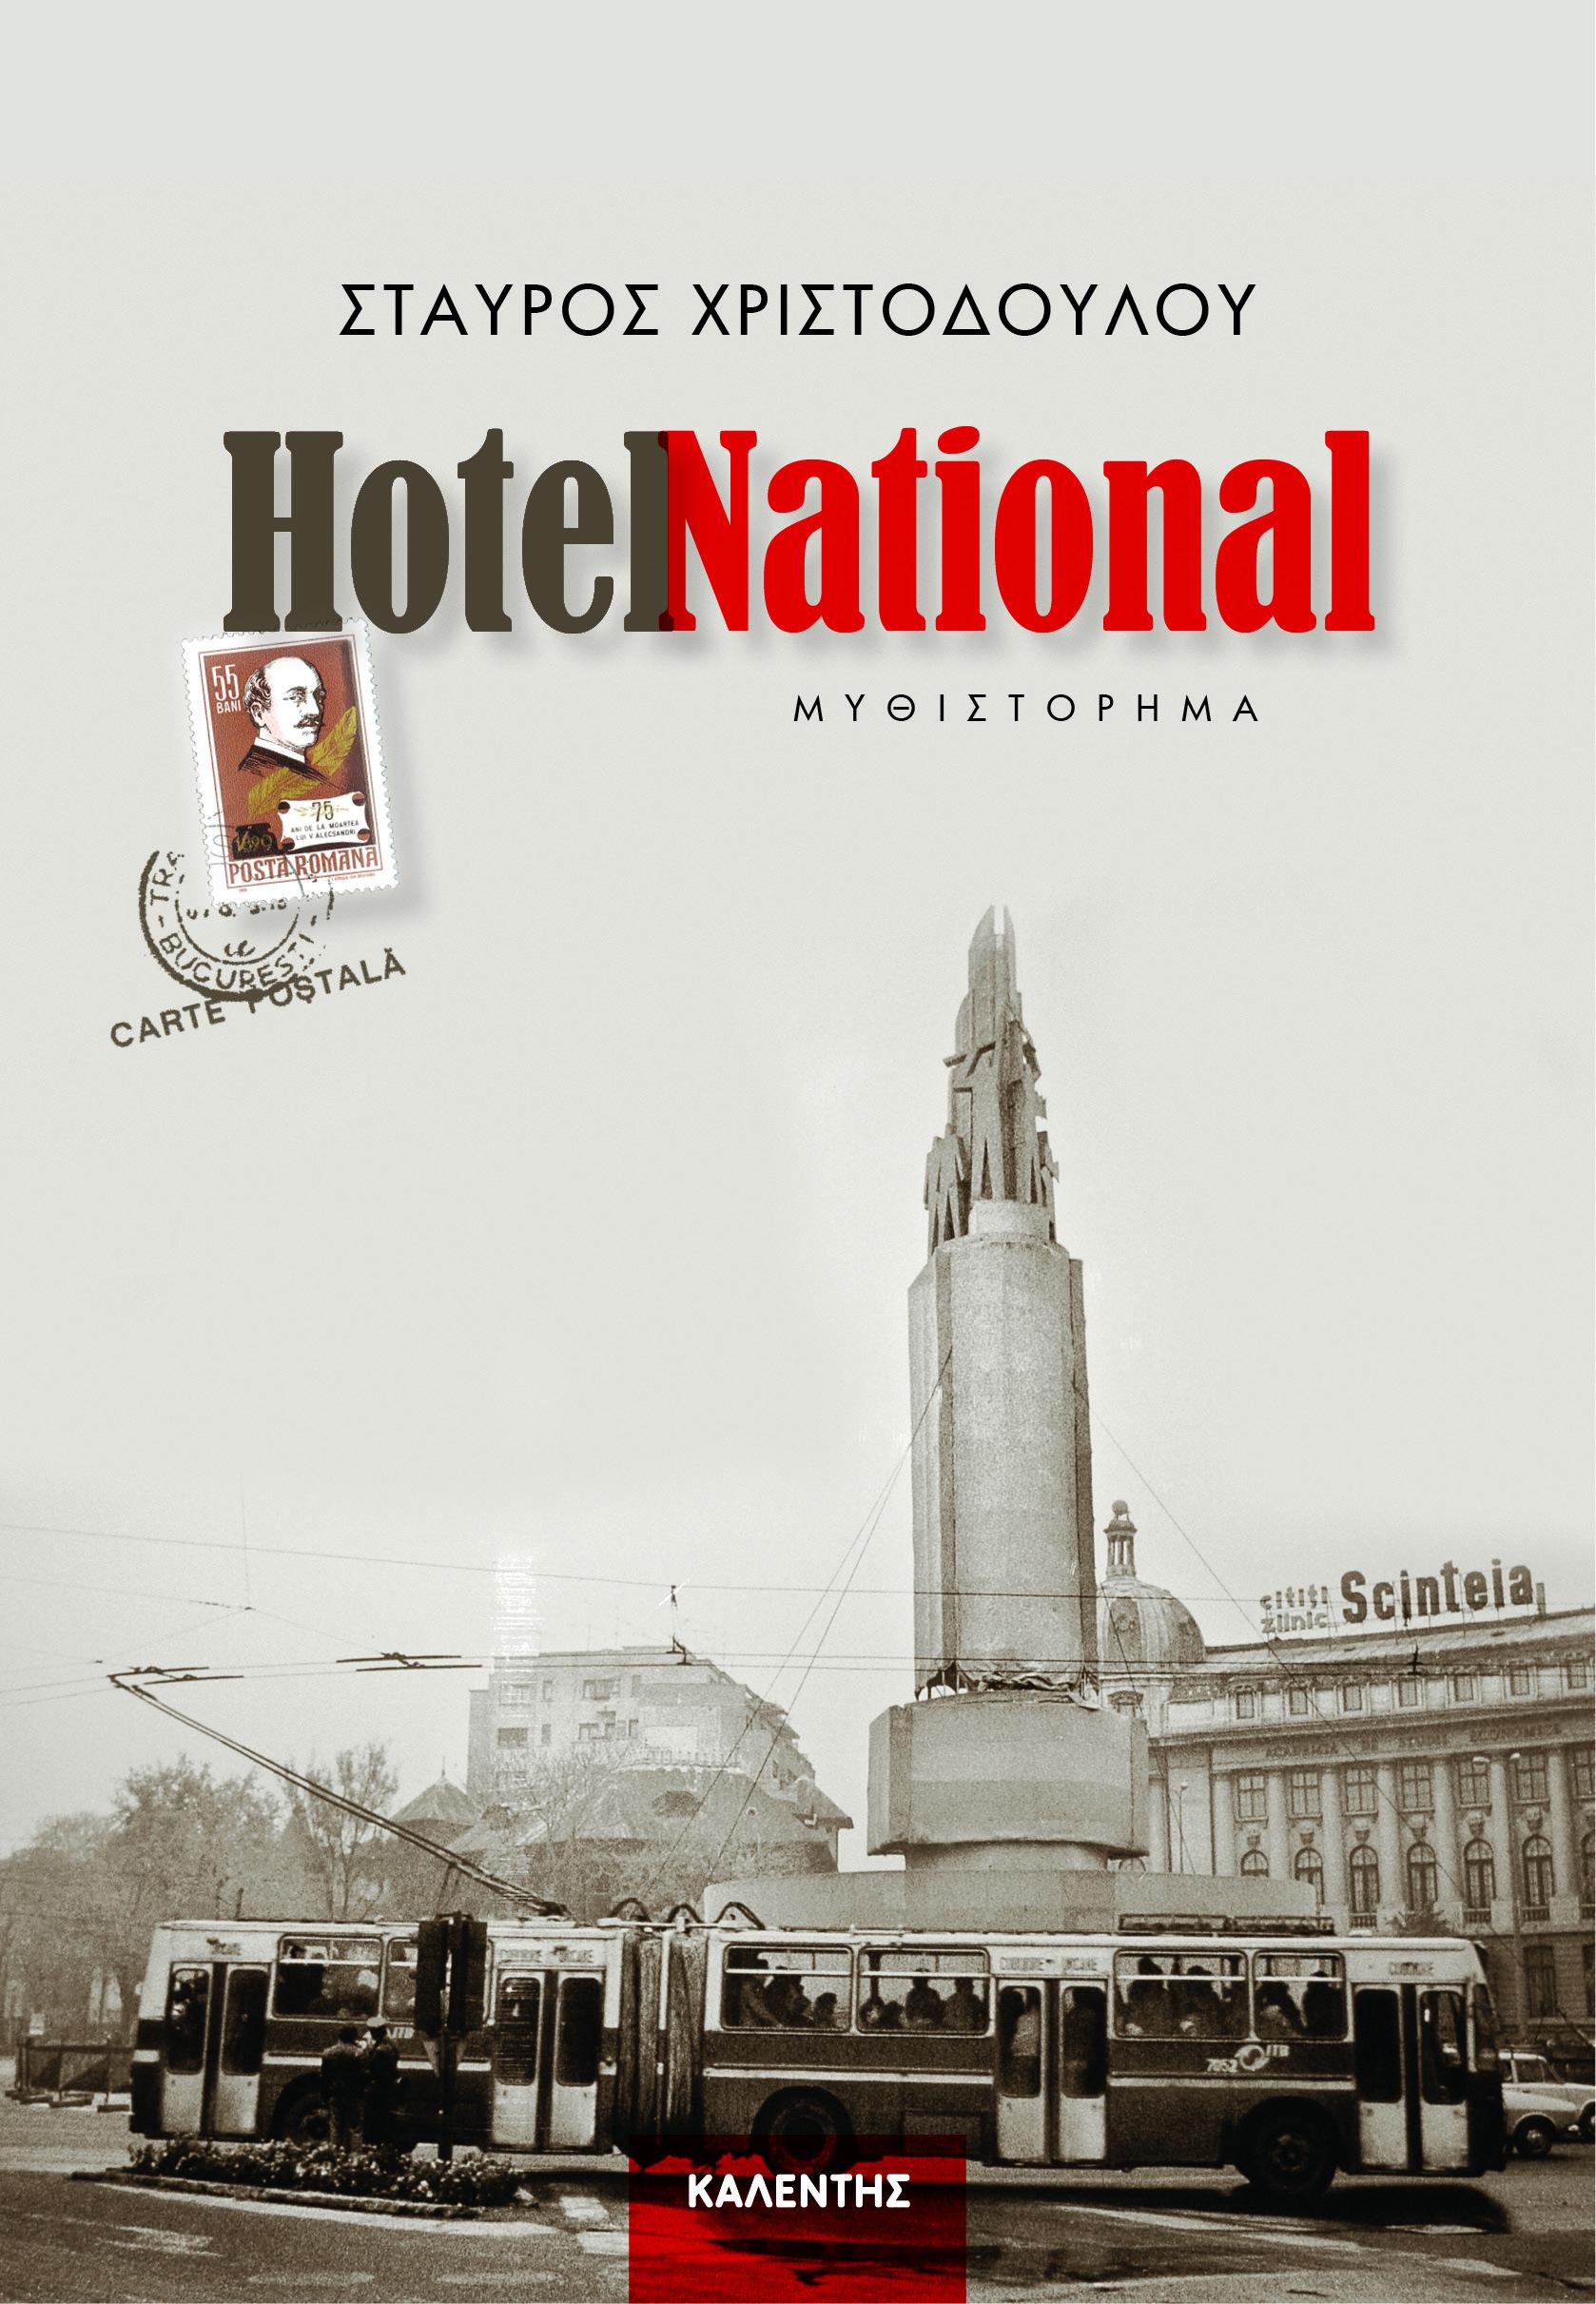 """Το μυθιστόρημα του Σταύρου Χριστοδούλου """"Hotel National"""" στη μακρά λίστα του Βραβείου Πεζογραφίας του Περιοδικού Κλεψύδρα, 2016"""